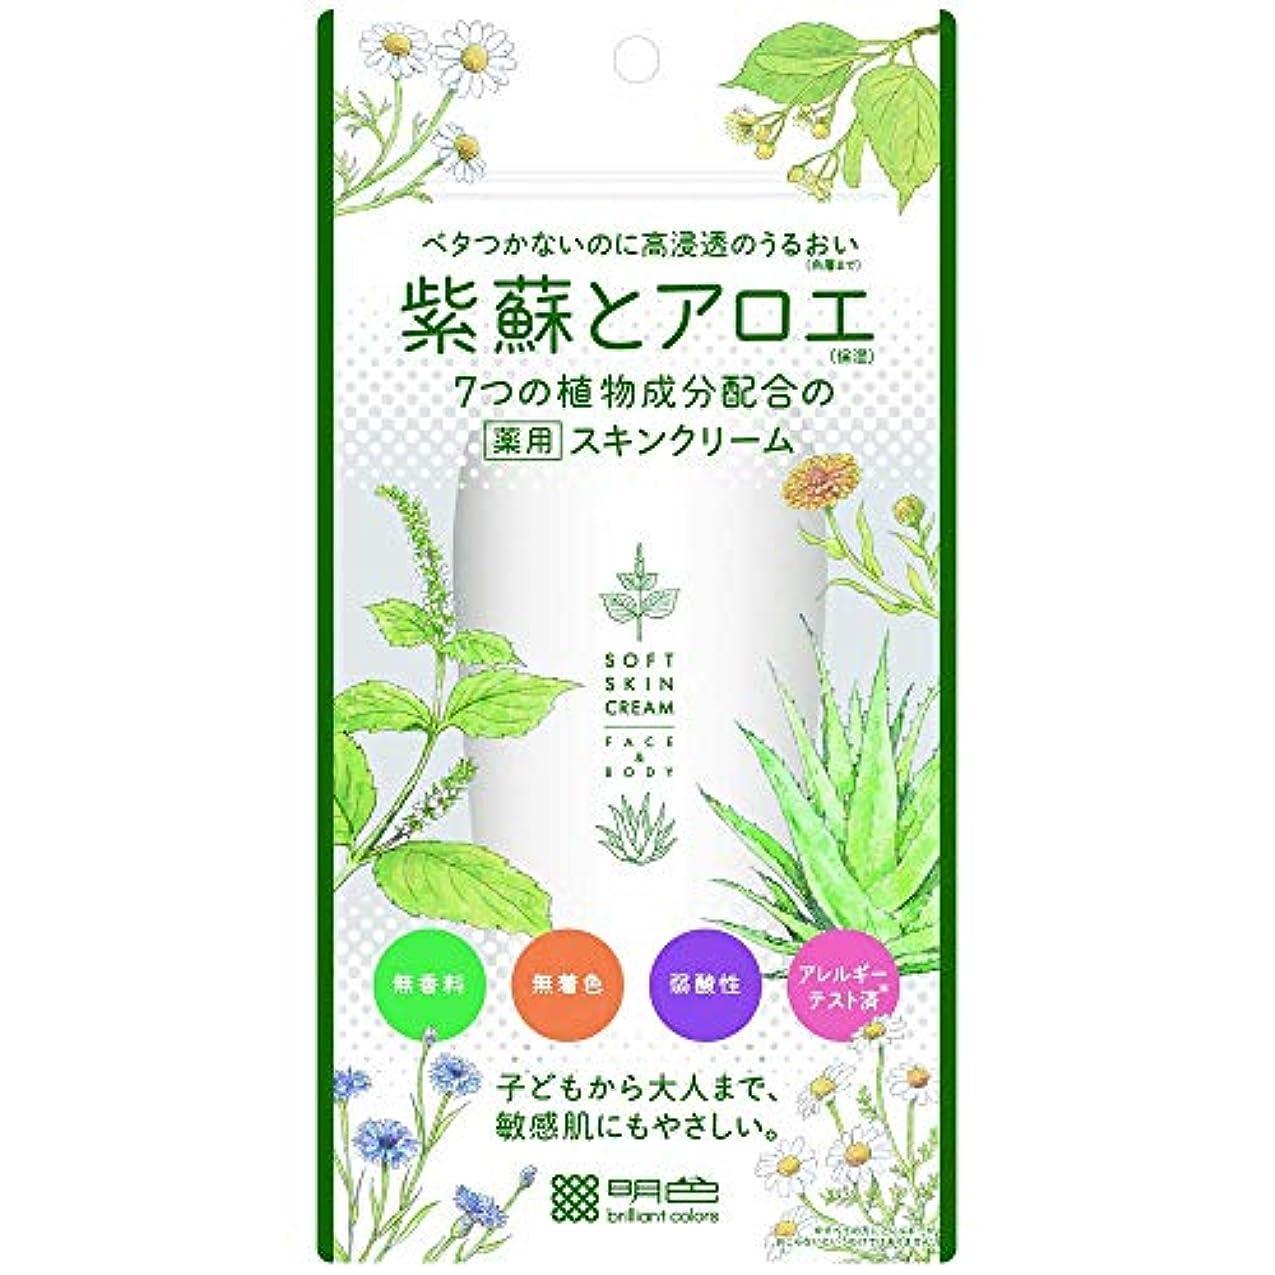 不適当導出管理する【4個セット】紫蘇とアロエ 薬用スキンクリーム 190g